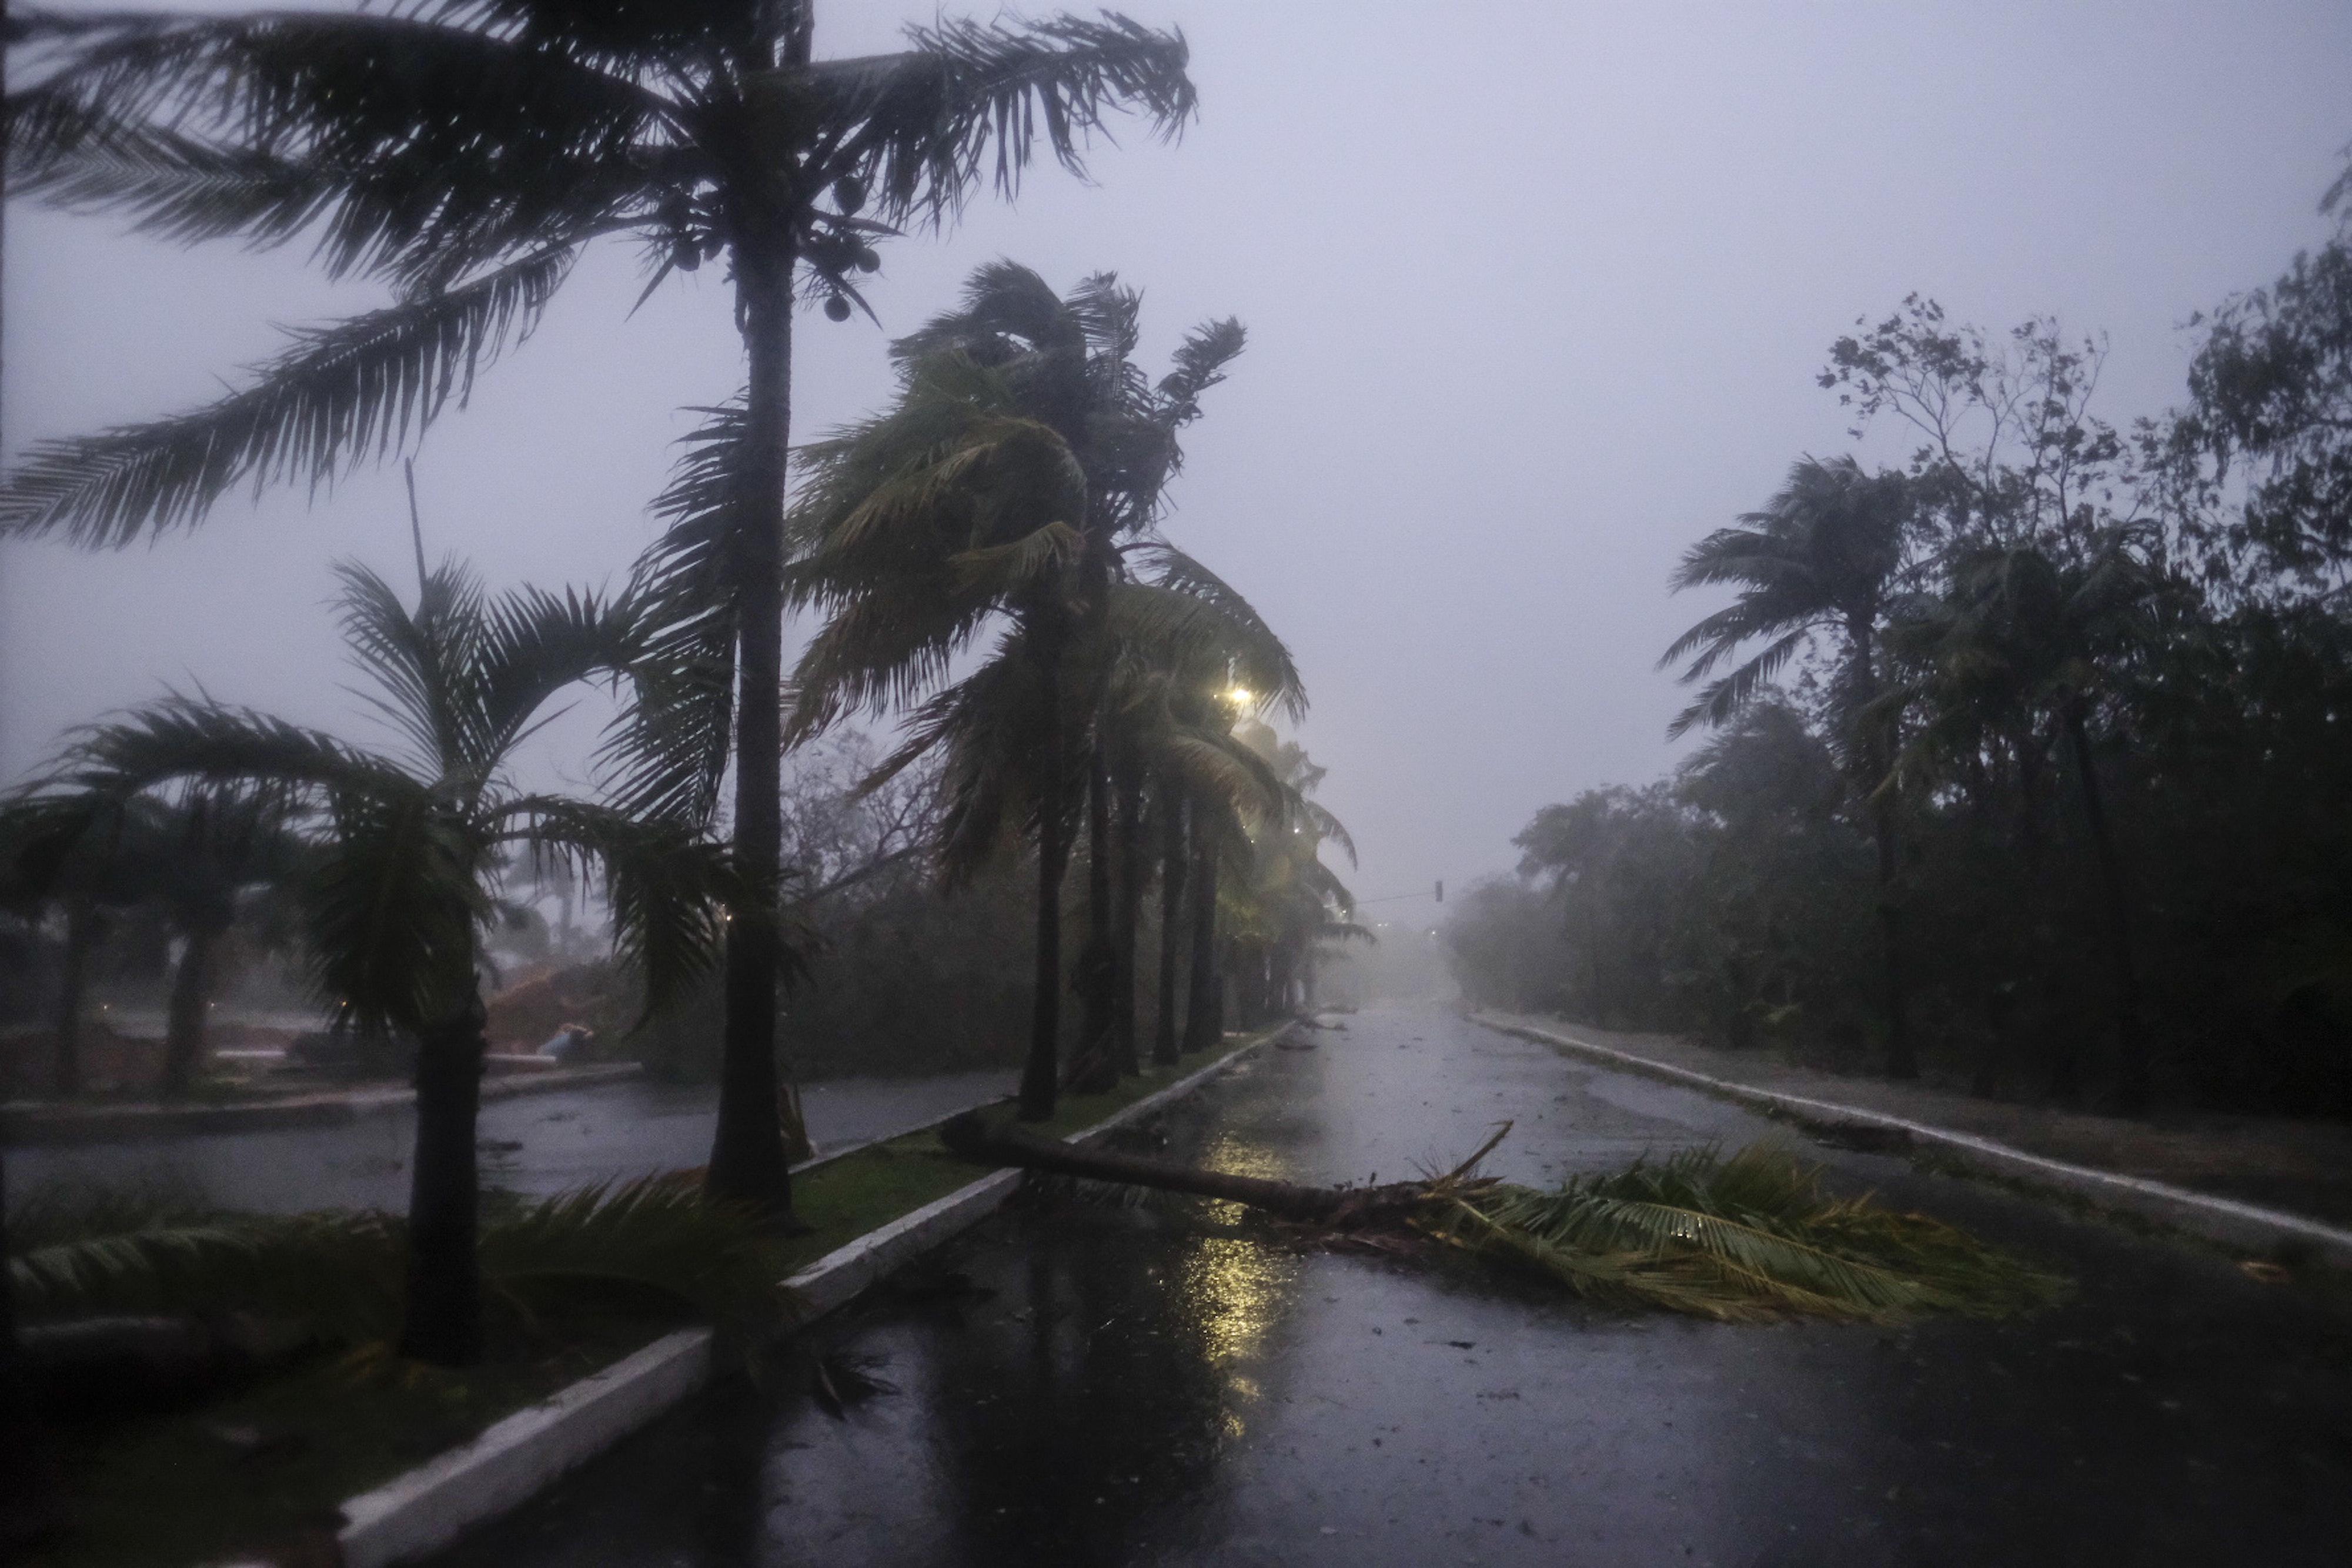 Una palmera caída después del paso del huracán Delta en Cancún, en Cancún, México, el miércoles 7 de octubre de 2020.